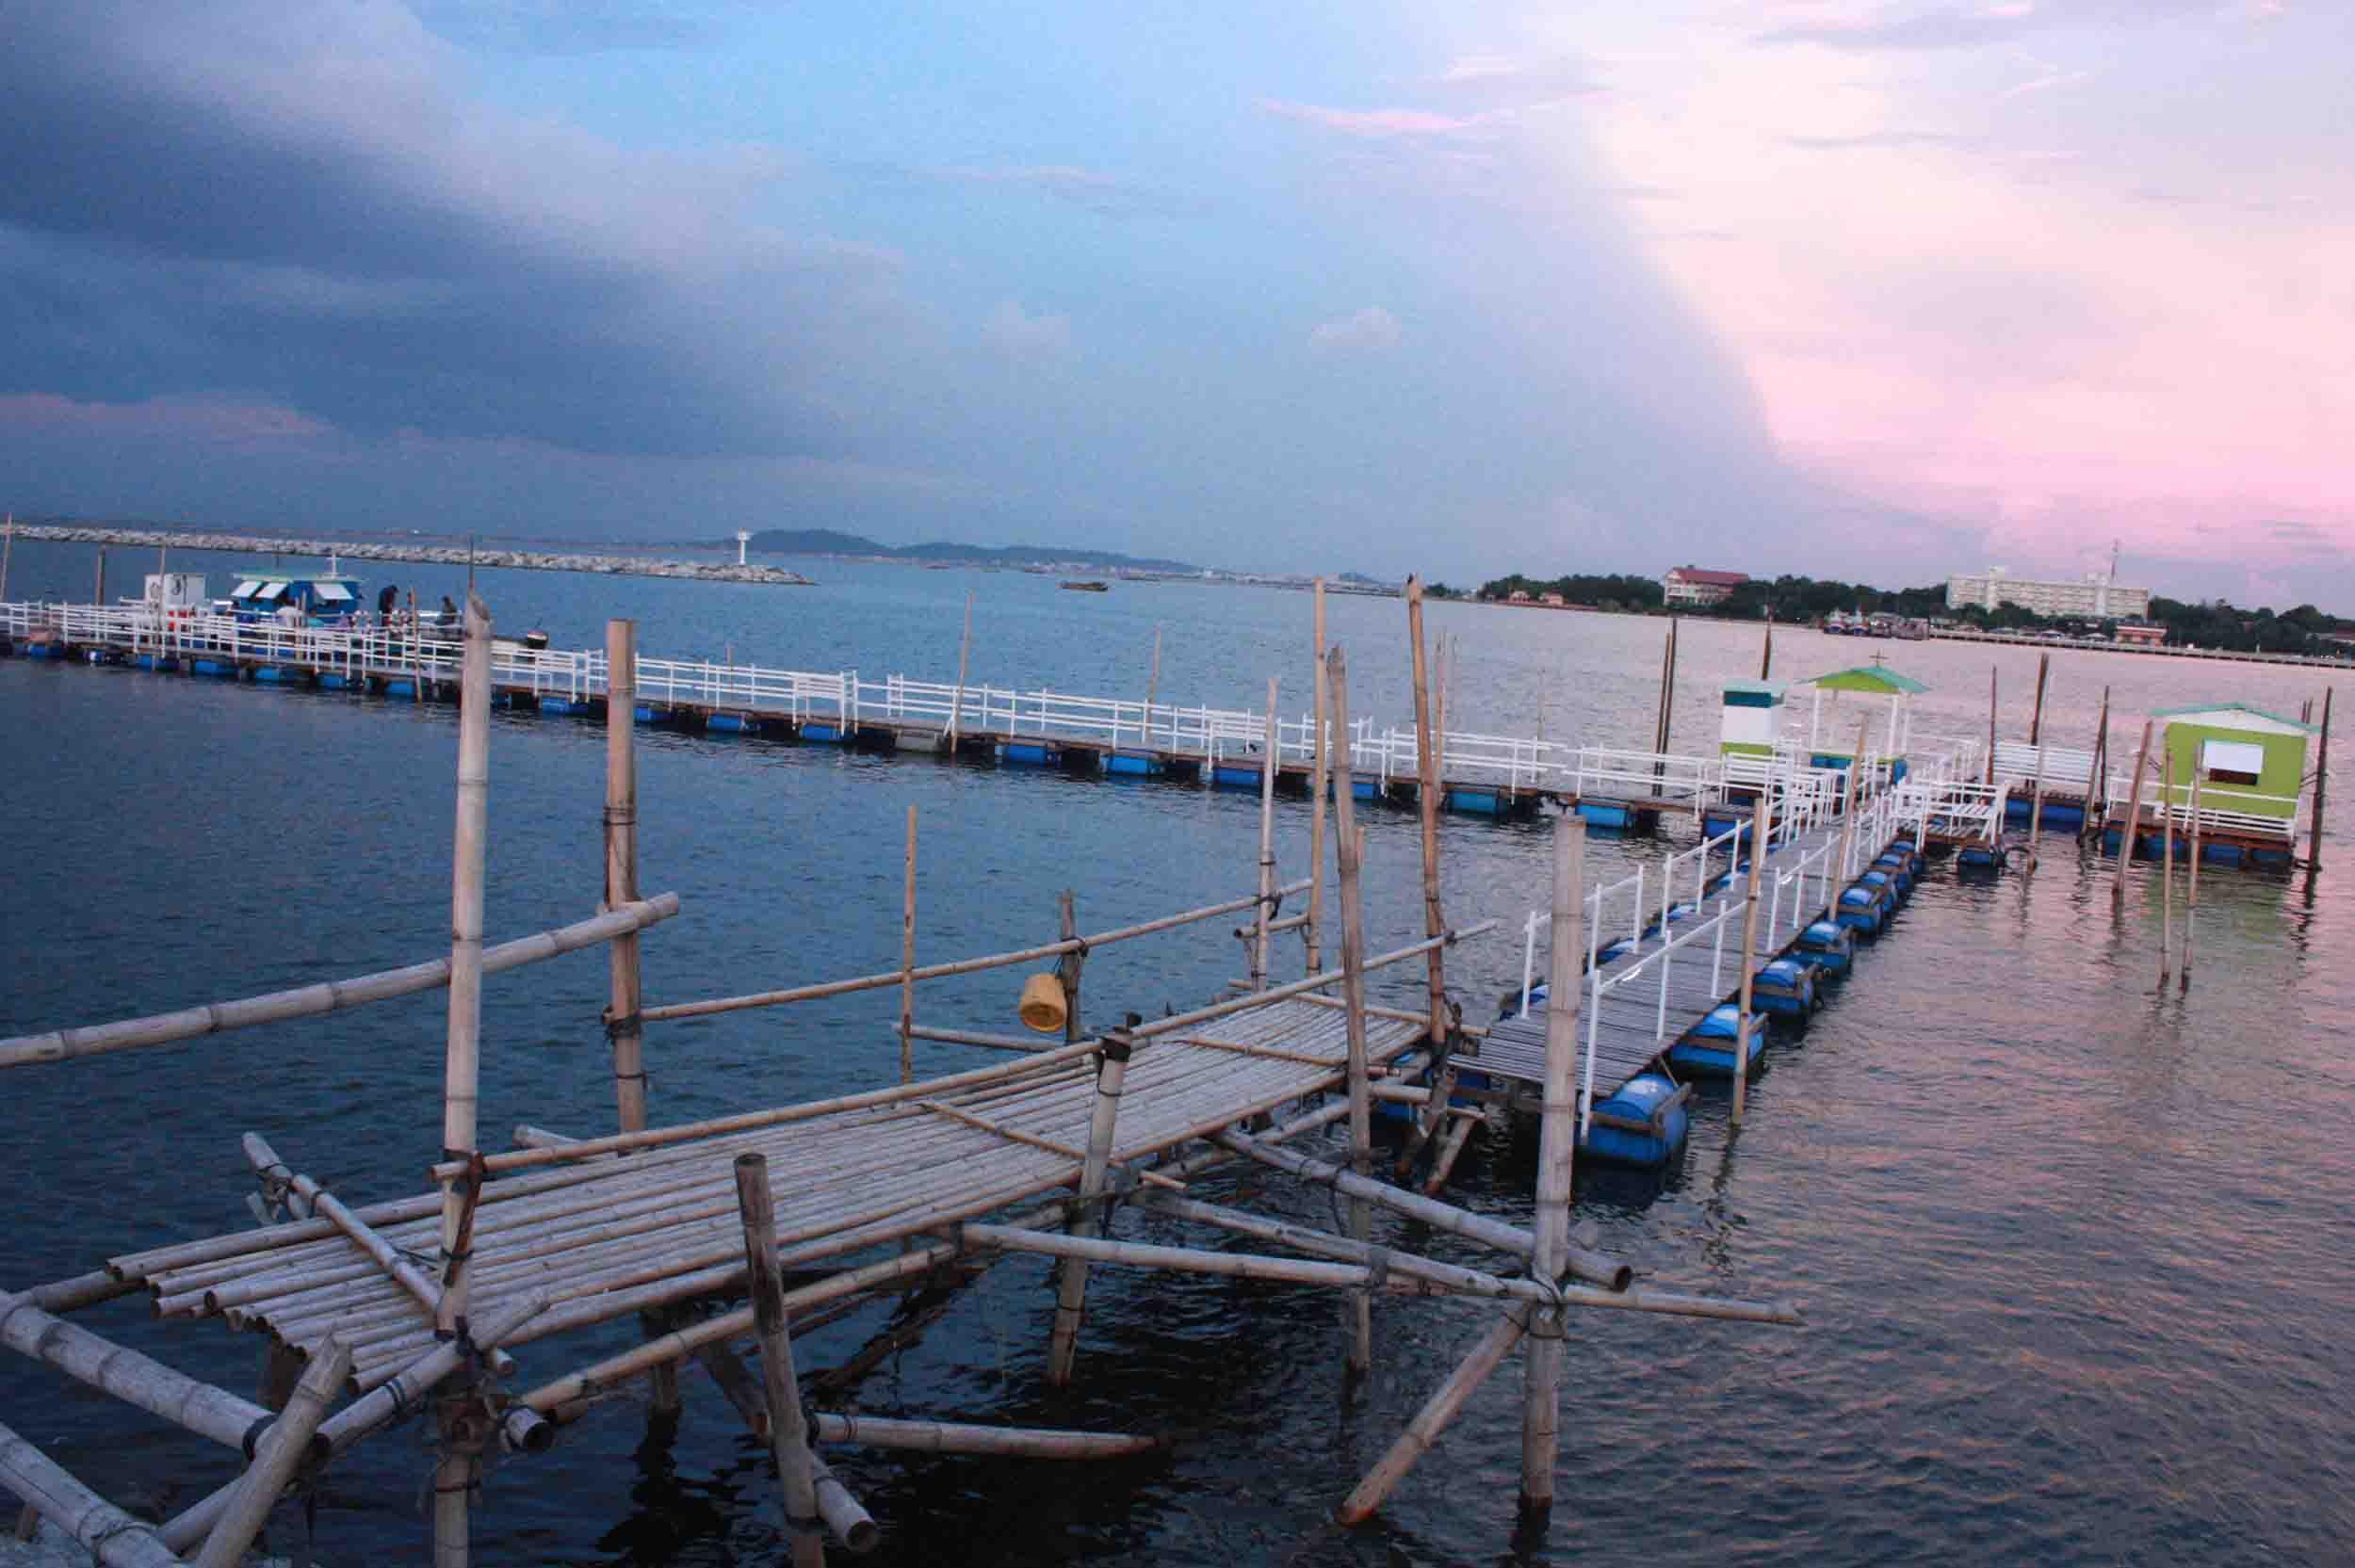 แพตกปลากลางทะเลอ่างศิลา ชลบุรี